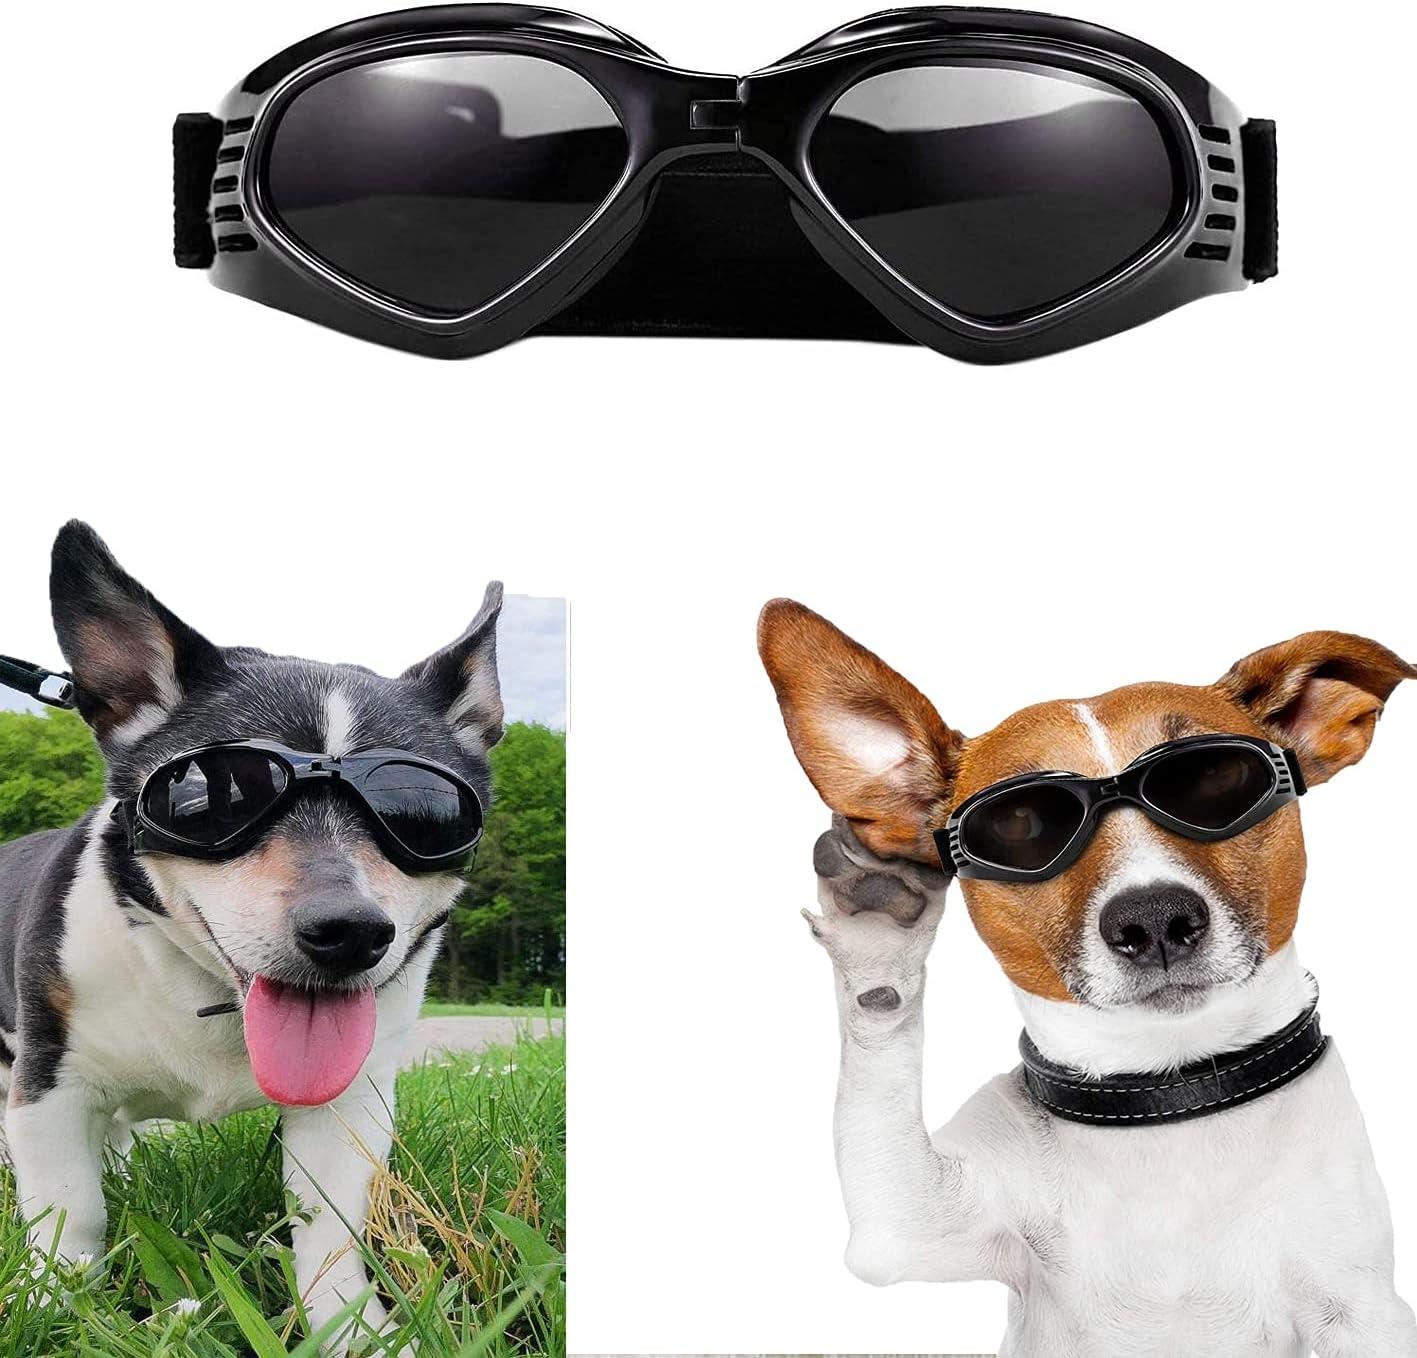 Gafas de Sol para Perros,Gafas de Perro Mascotas,Ajustables para Gafas Perros, Gafas Perros Protección UV con Protección Impermeables para Perros pequeños y medianos-Negro